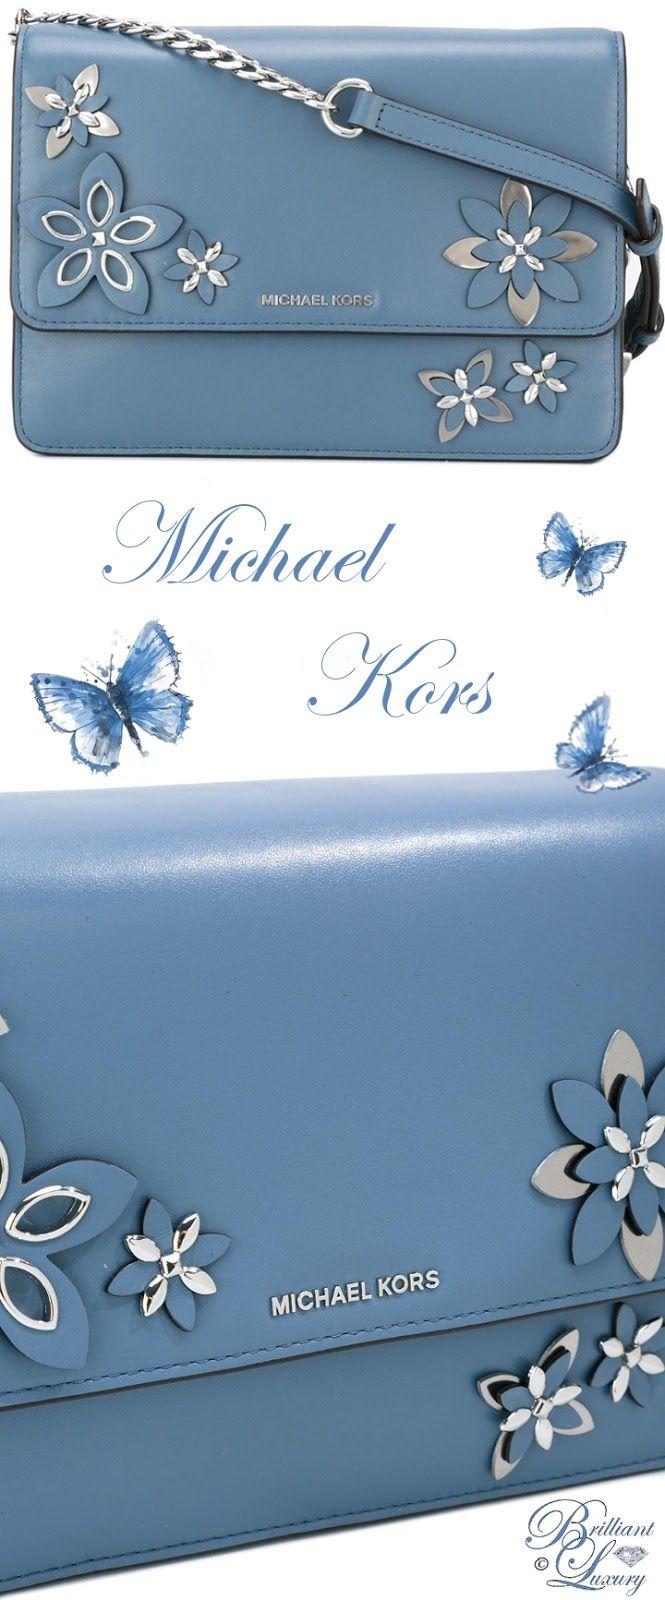 Brilliant Luxury by Emmy DE ♦ Michael Kors Floral Applique Shoulder Bag